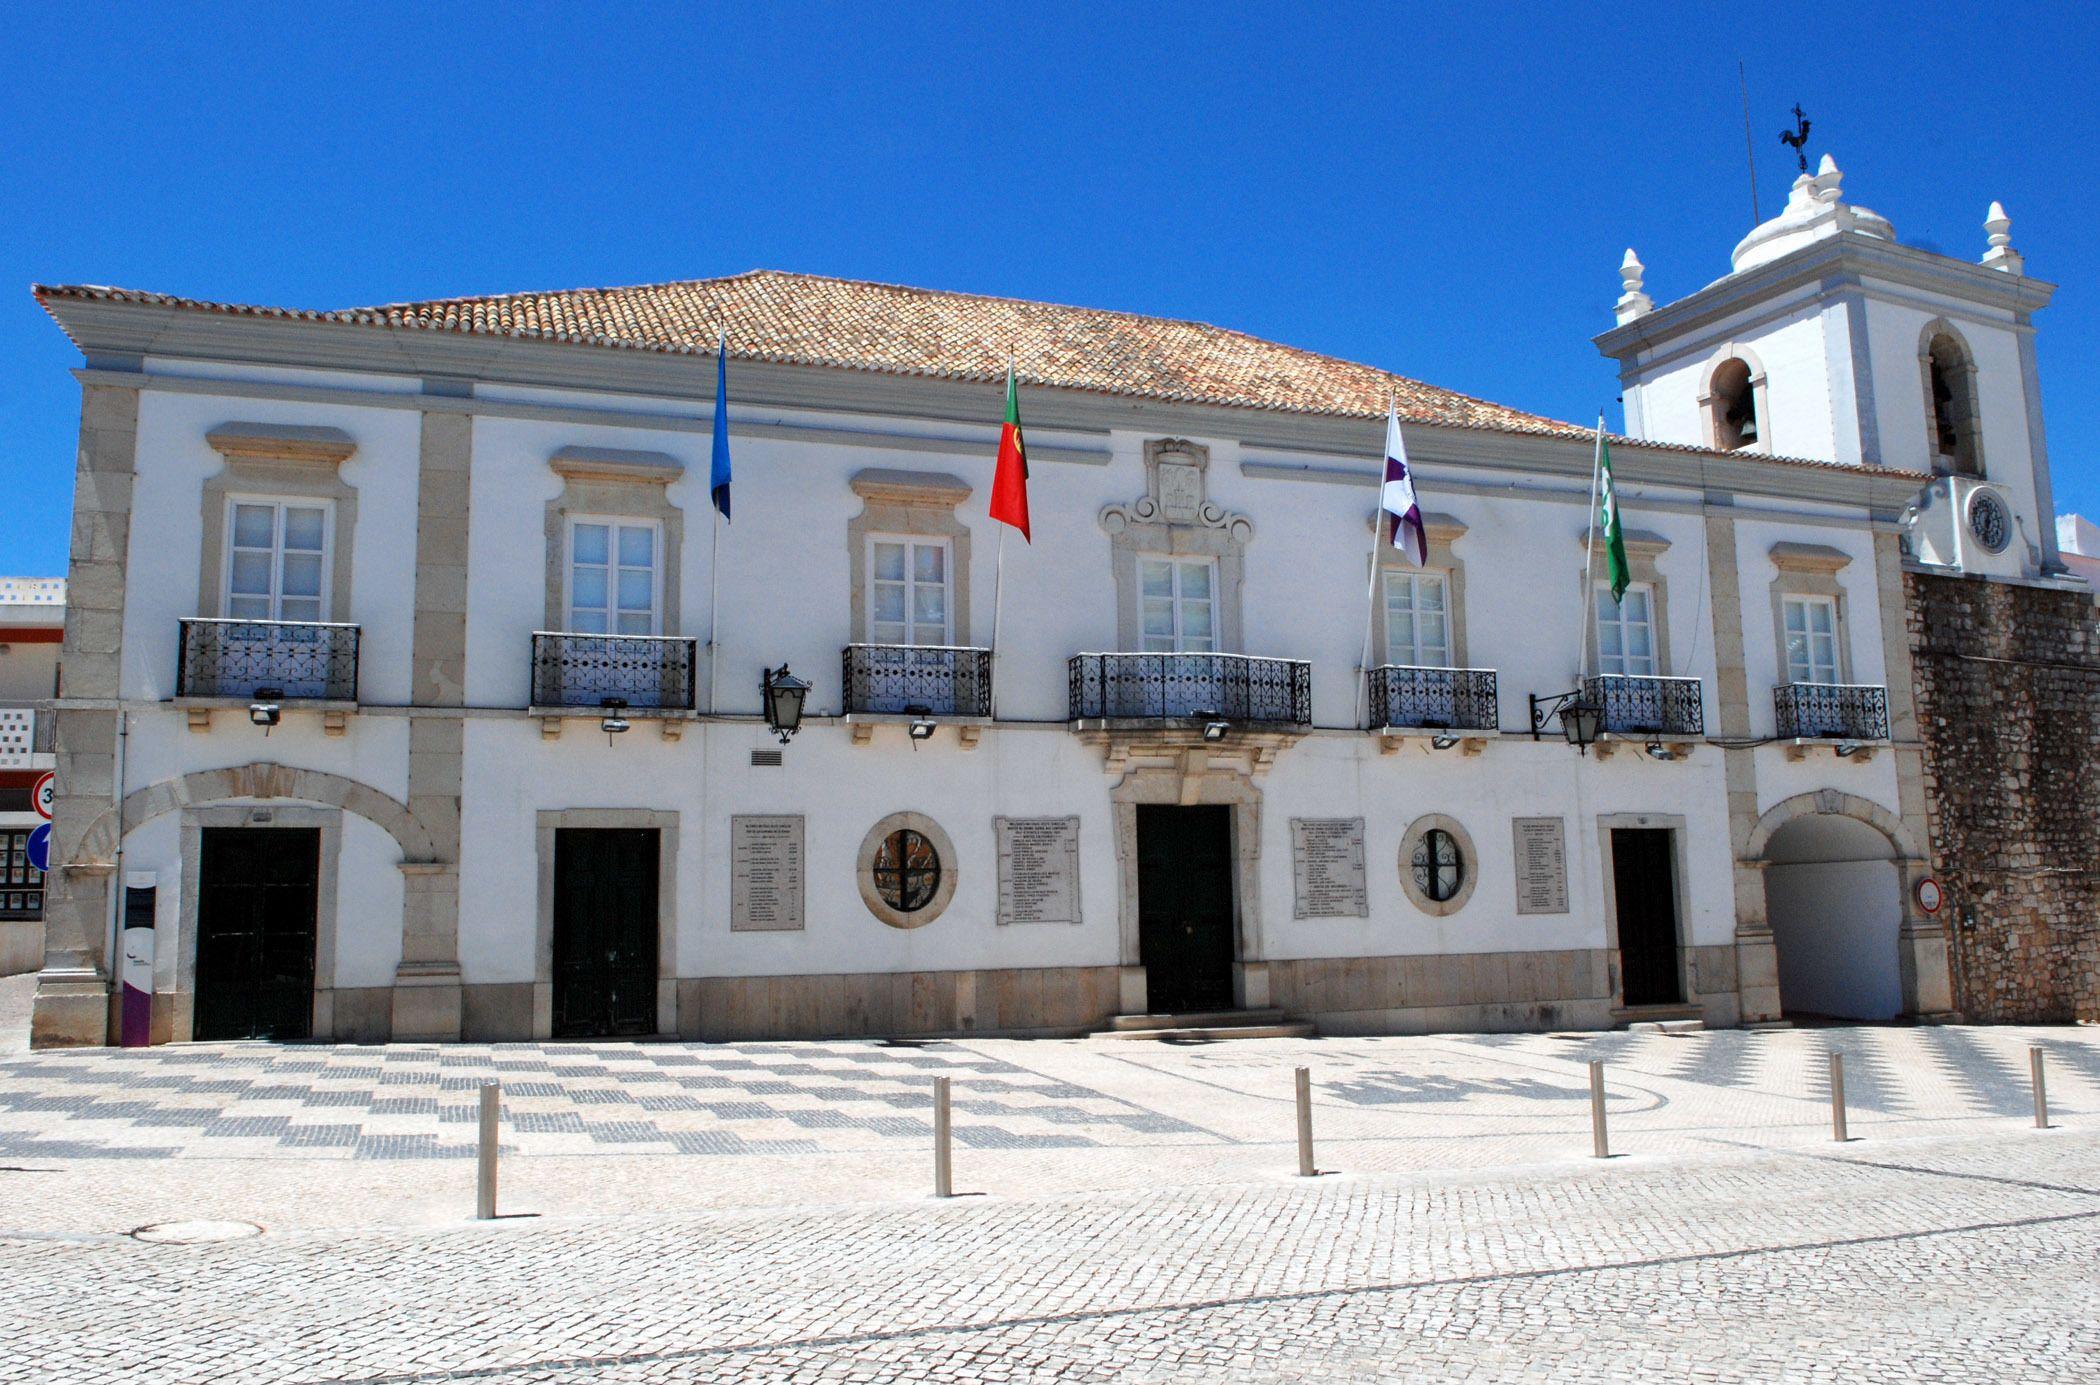 Loule_-_Portugal_-_panoramio_(2).jpg